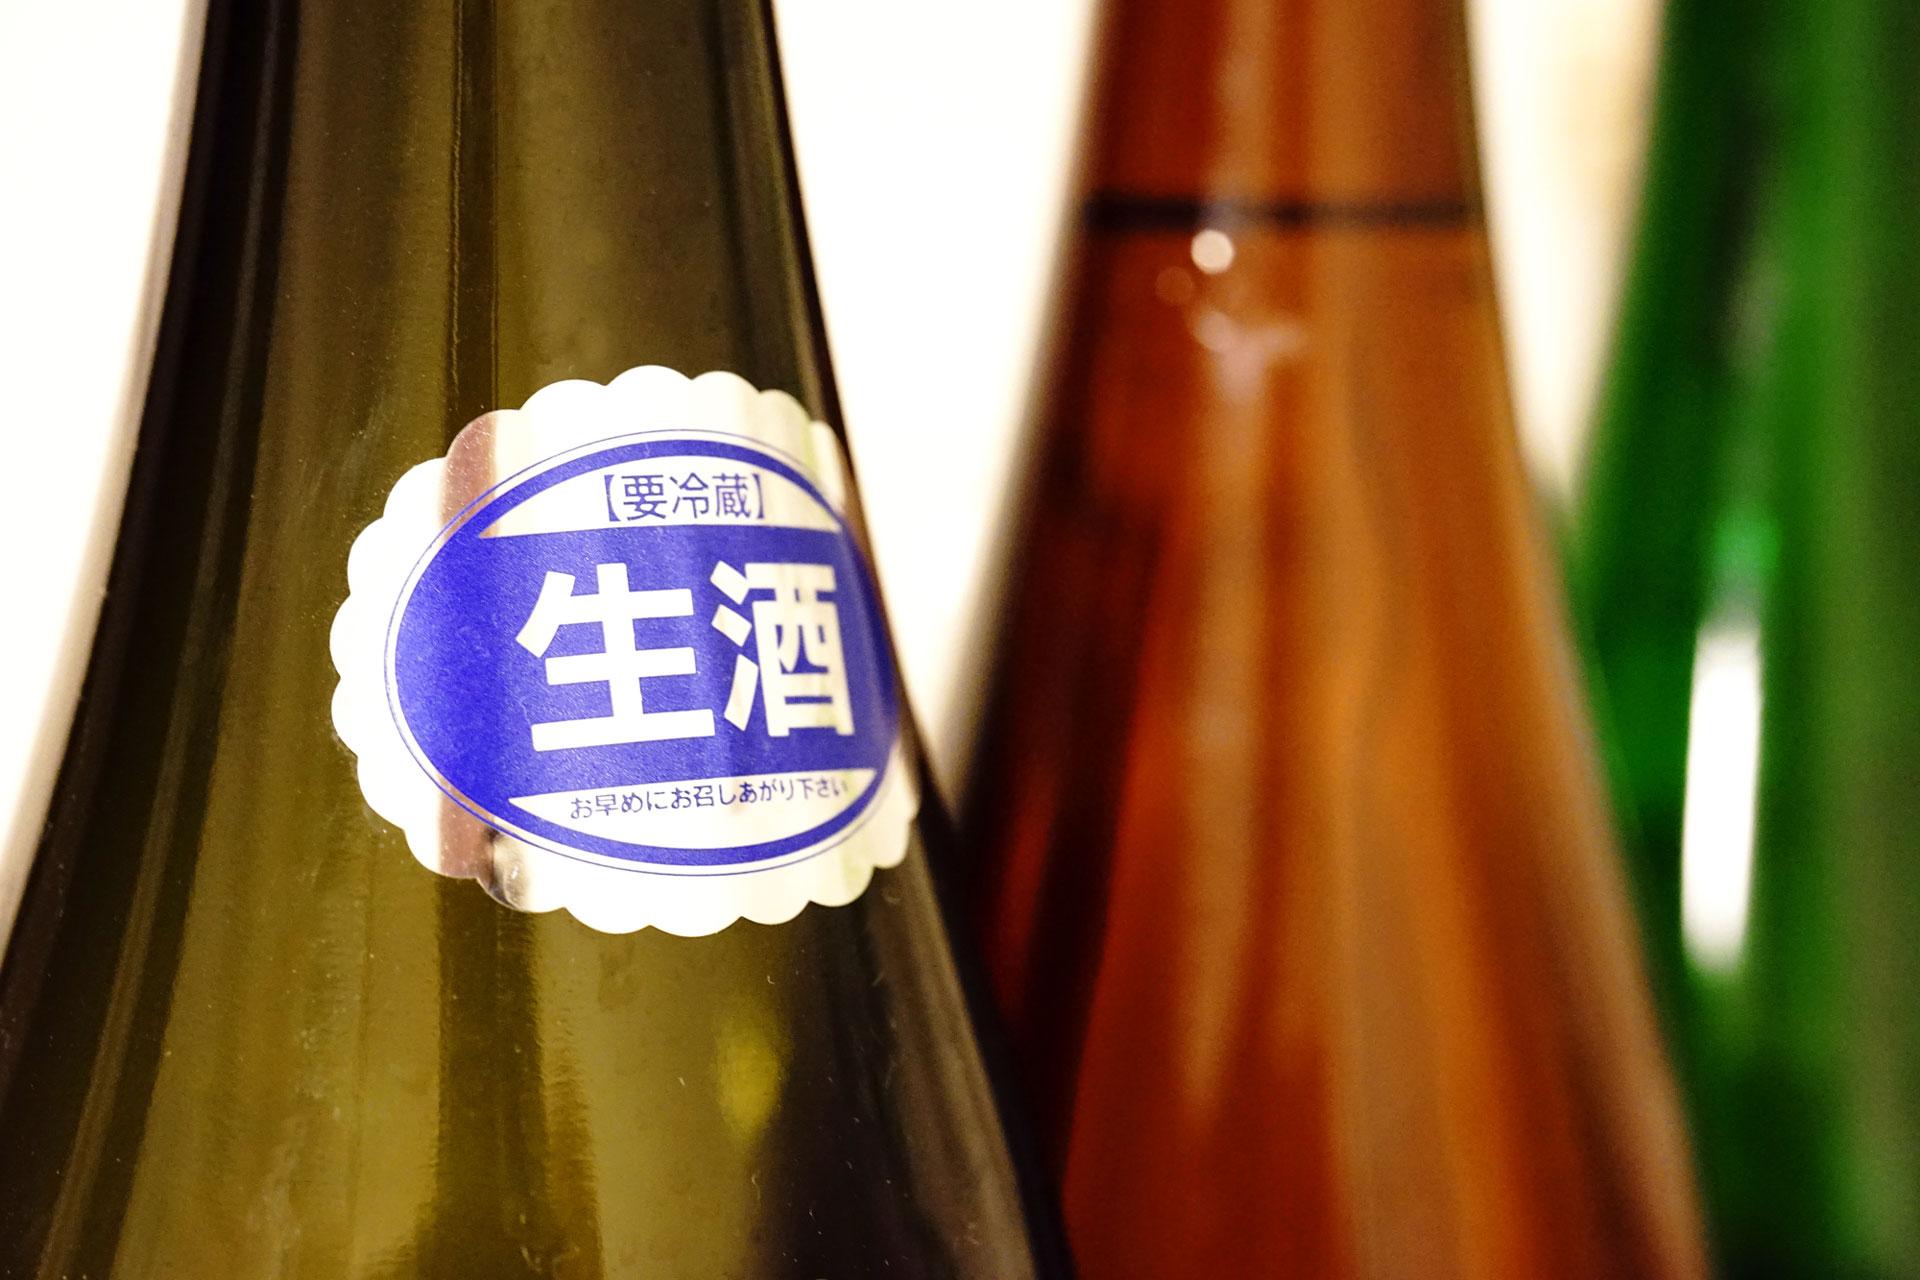 生酒のおすすめ銘柄。生貯蔵酒や生詰め酒との違いも解説